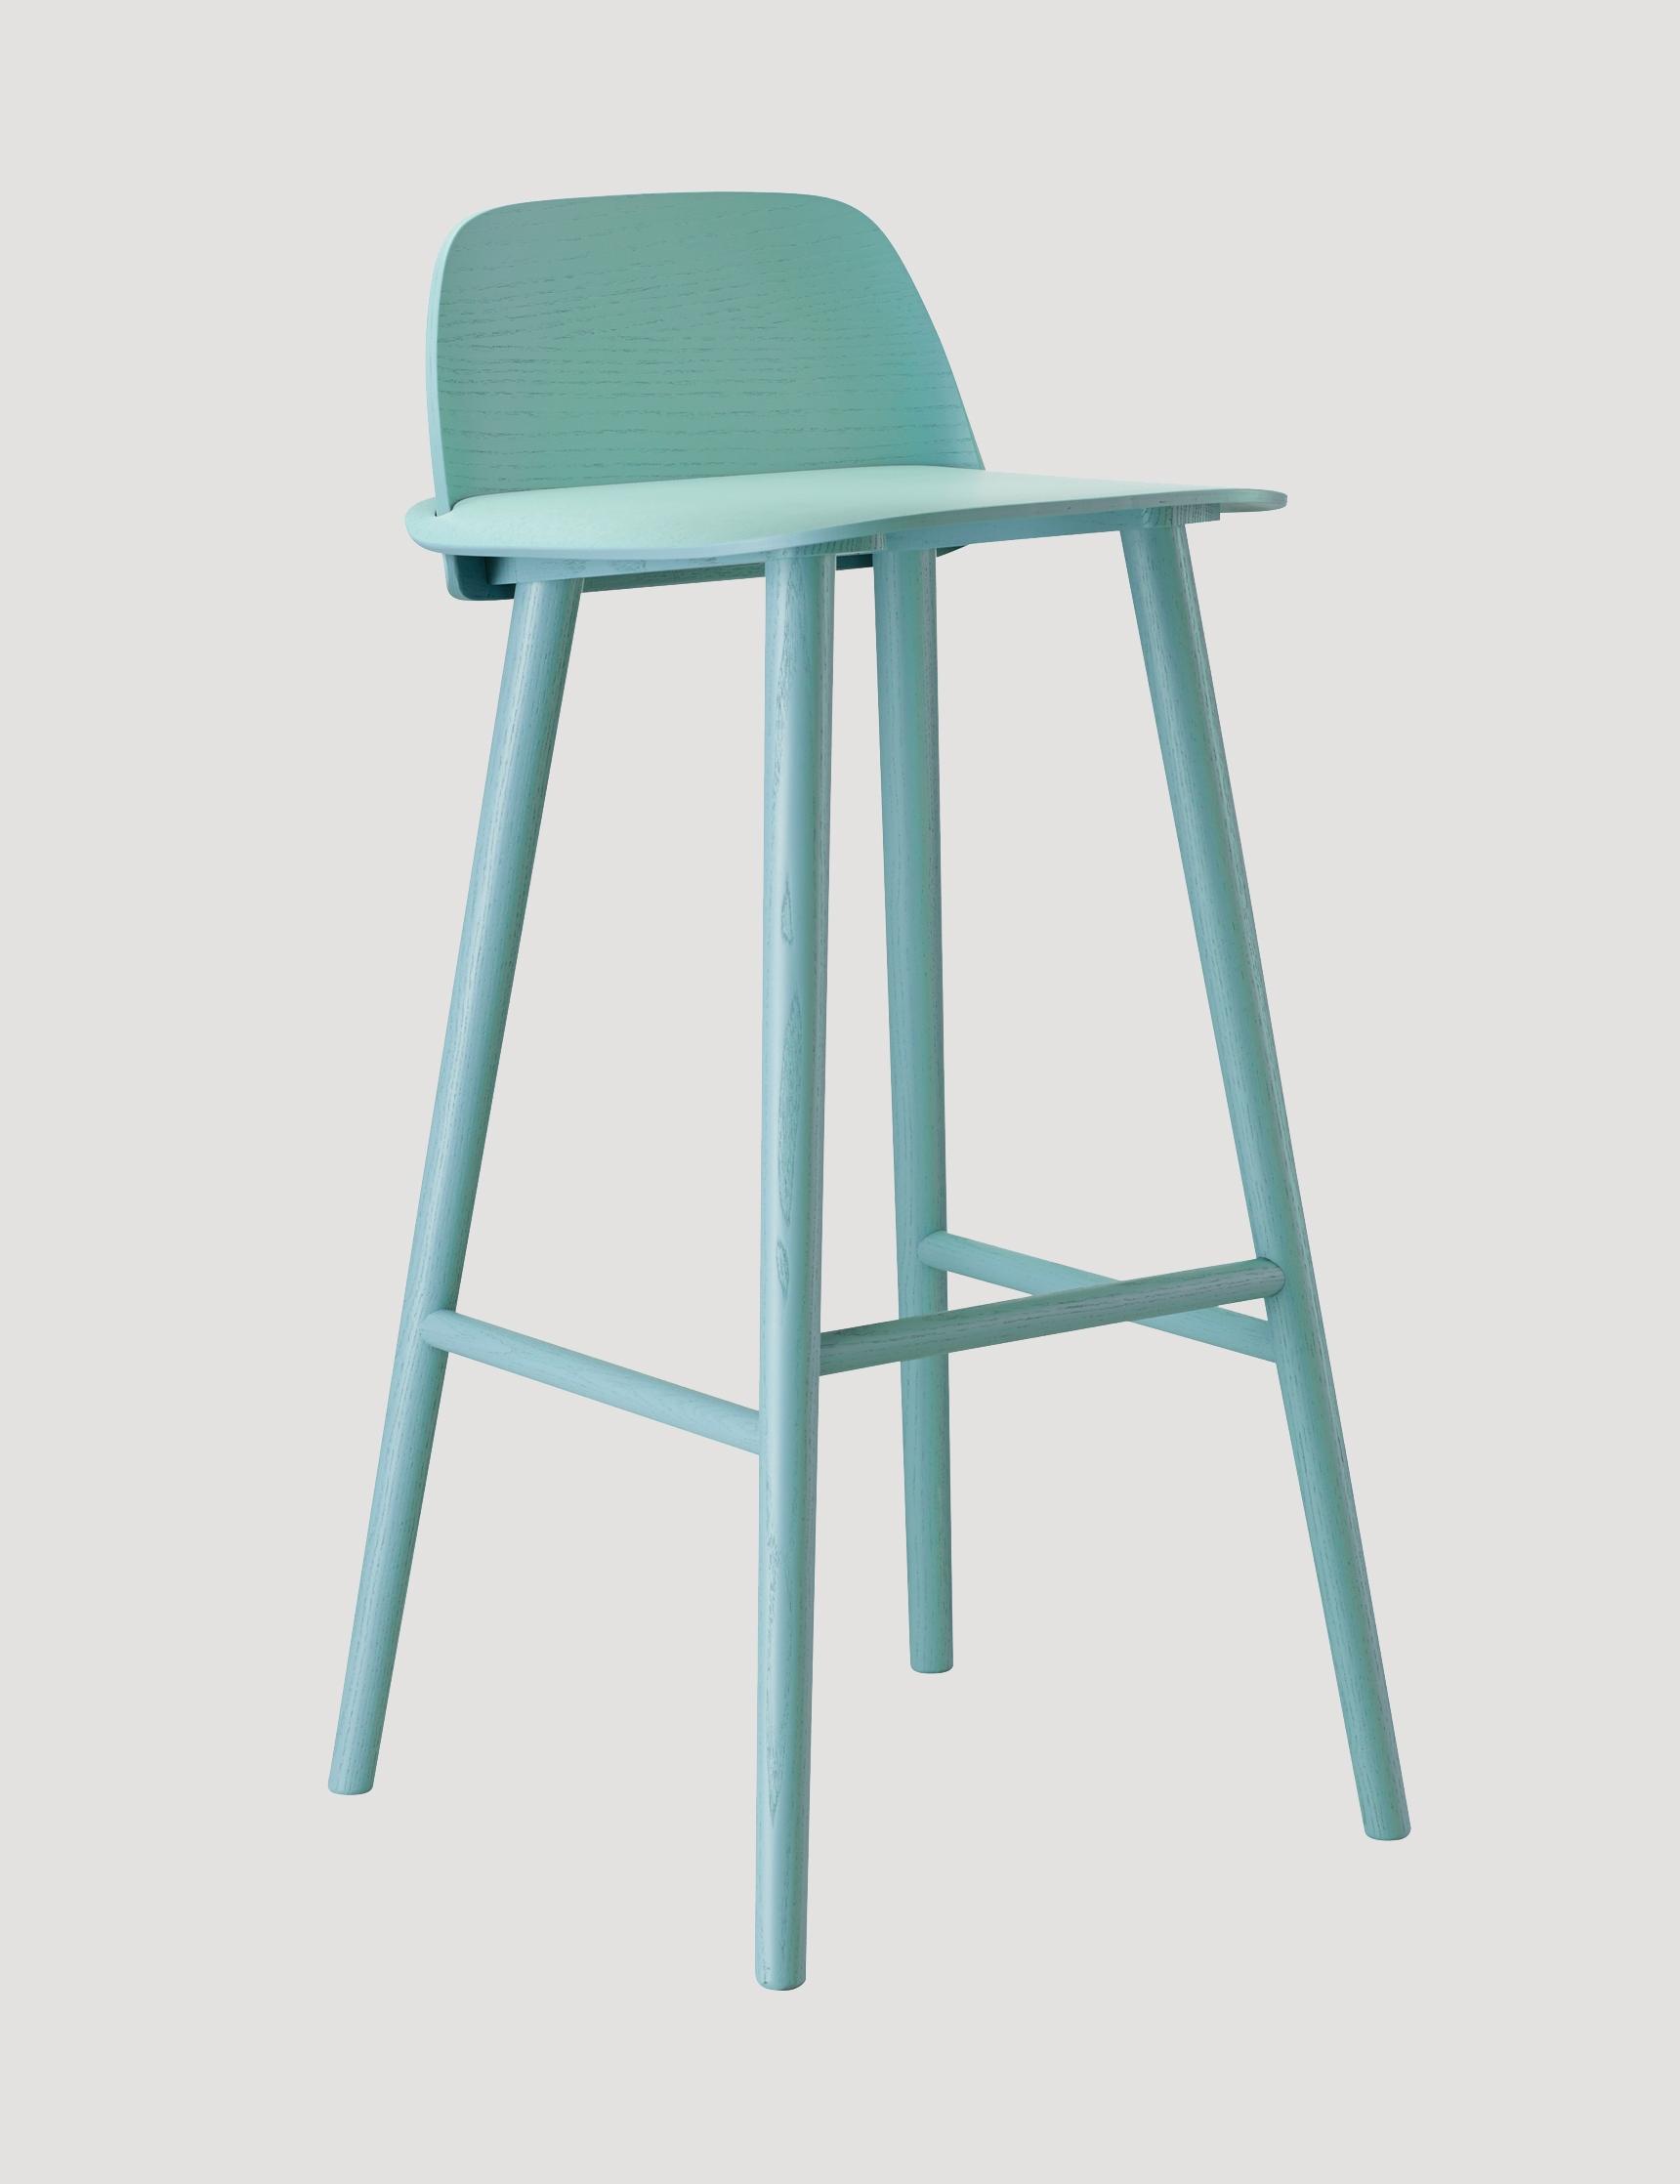 Nerd Bar Chair by David Geckeler